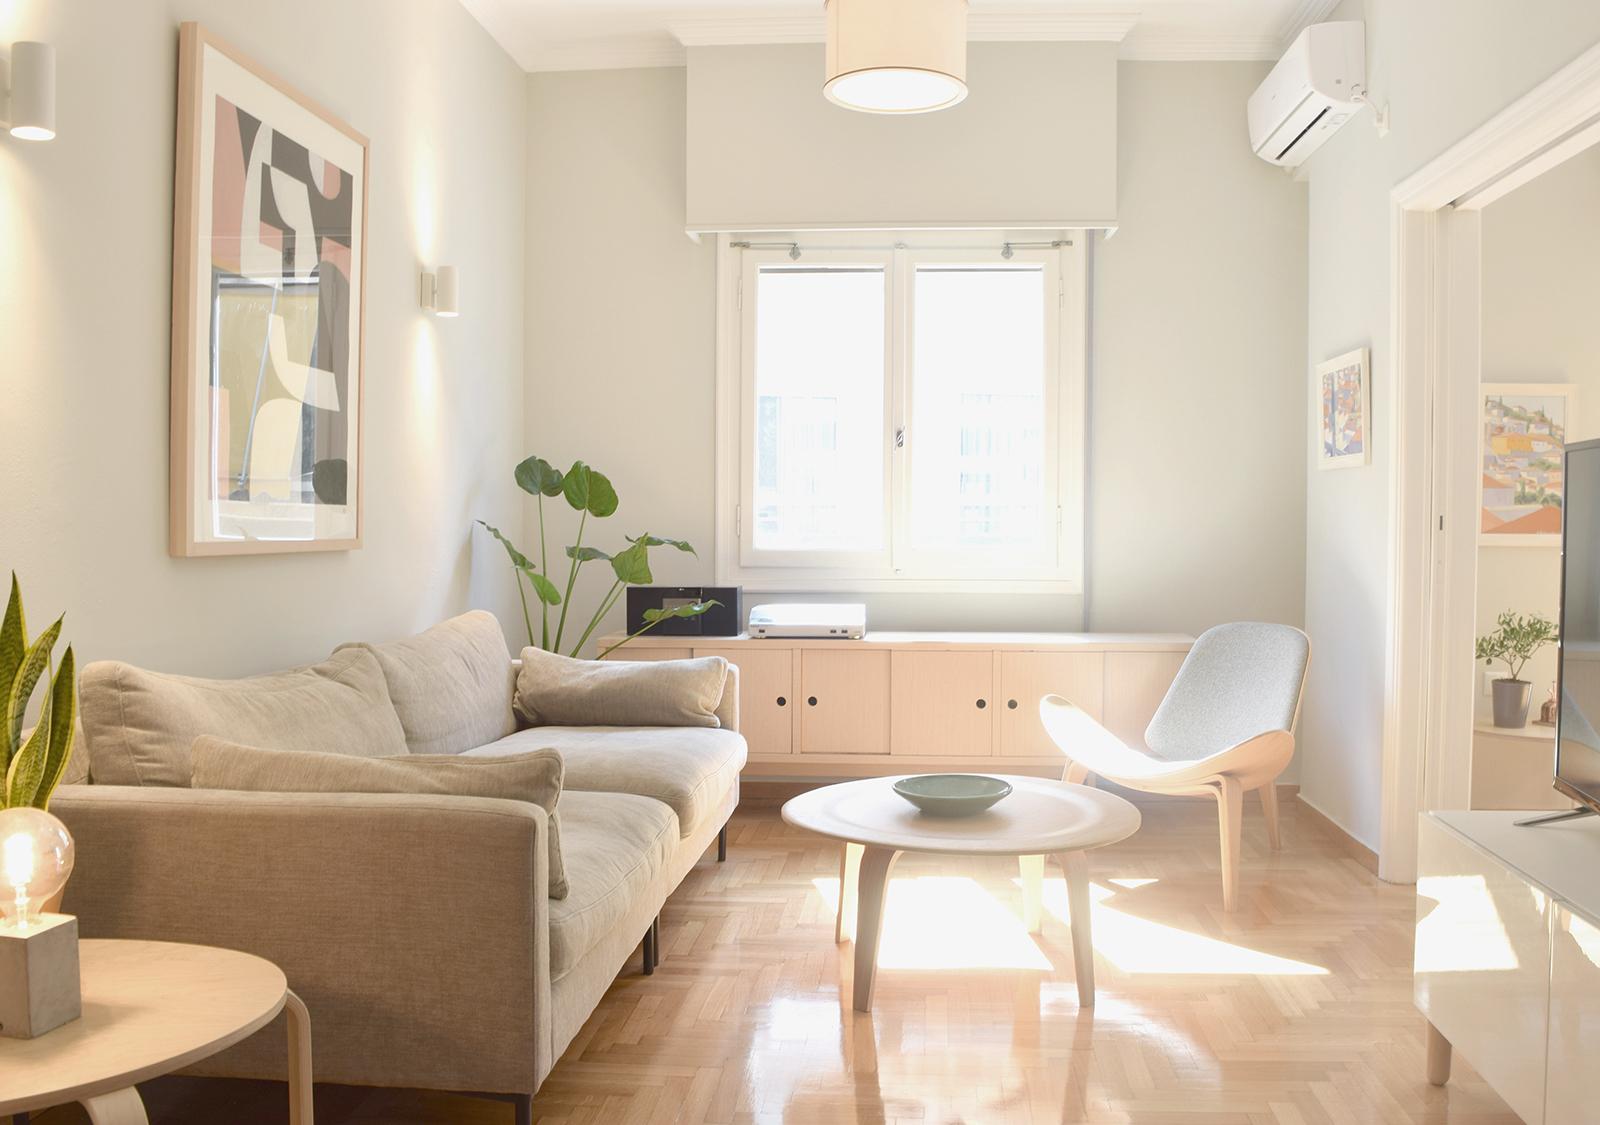 Διαμέρισμα στη Νεάπολη